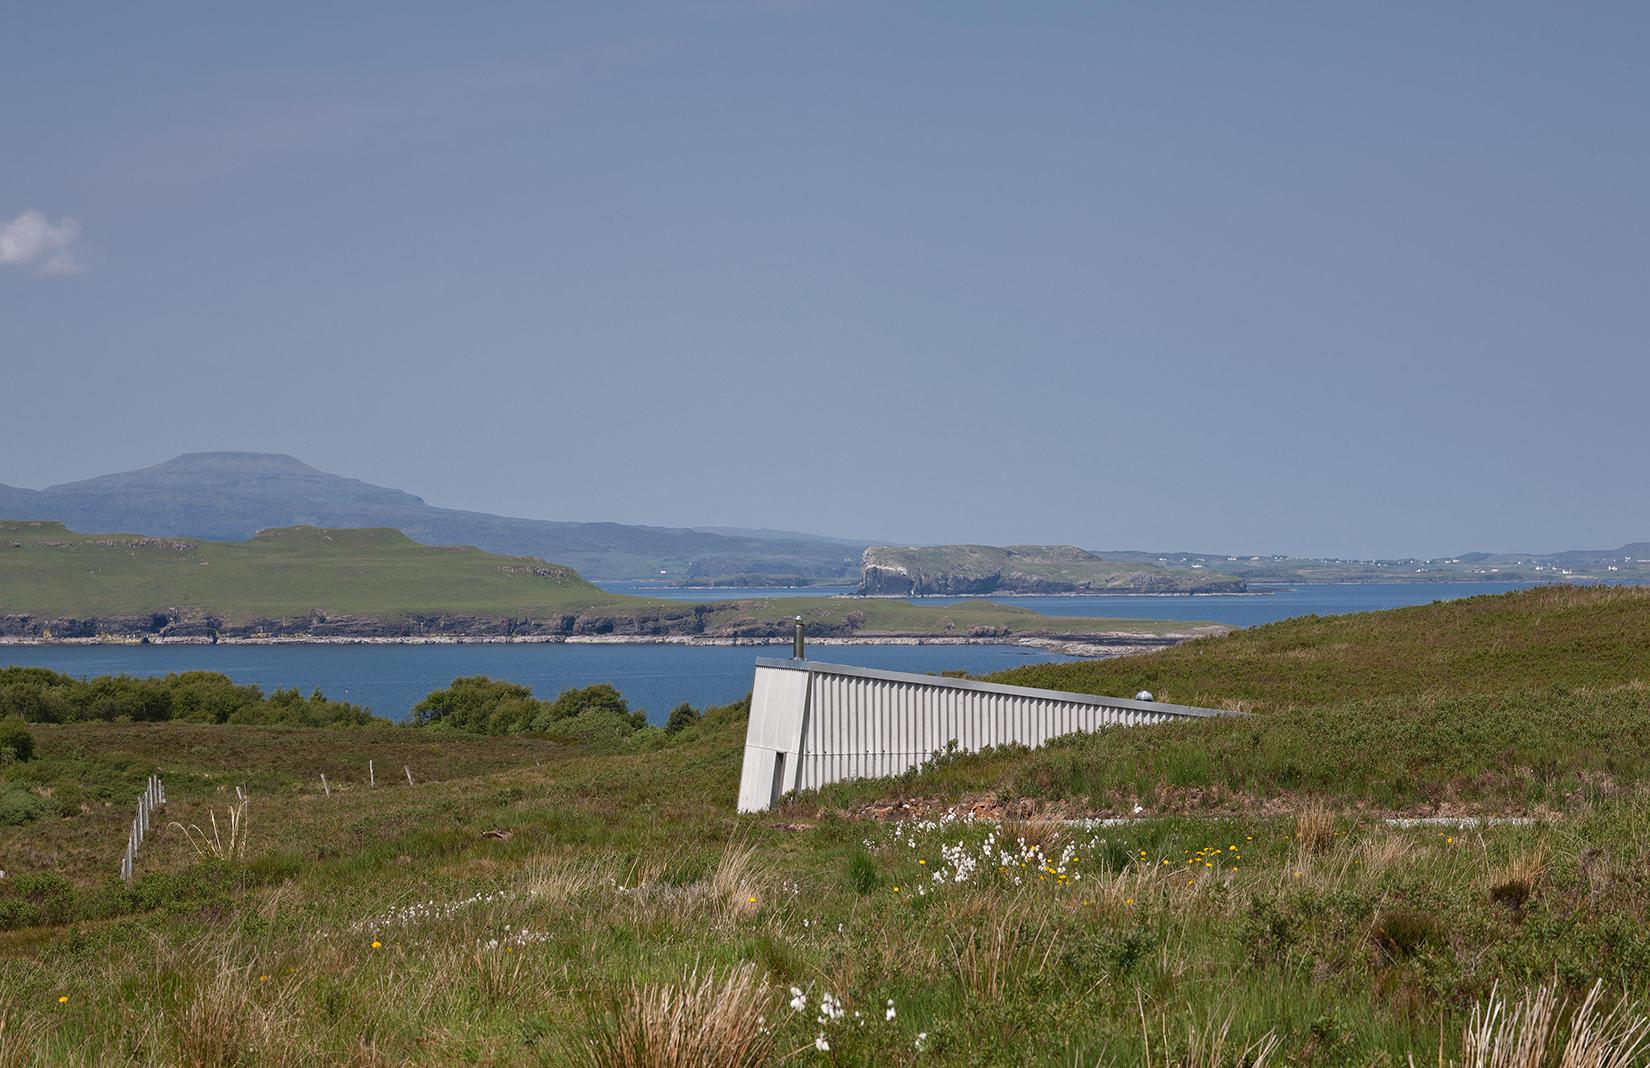 Holiday rental: Fiskavaig Studio is Skye